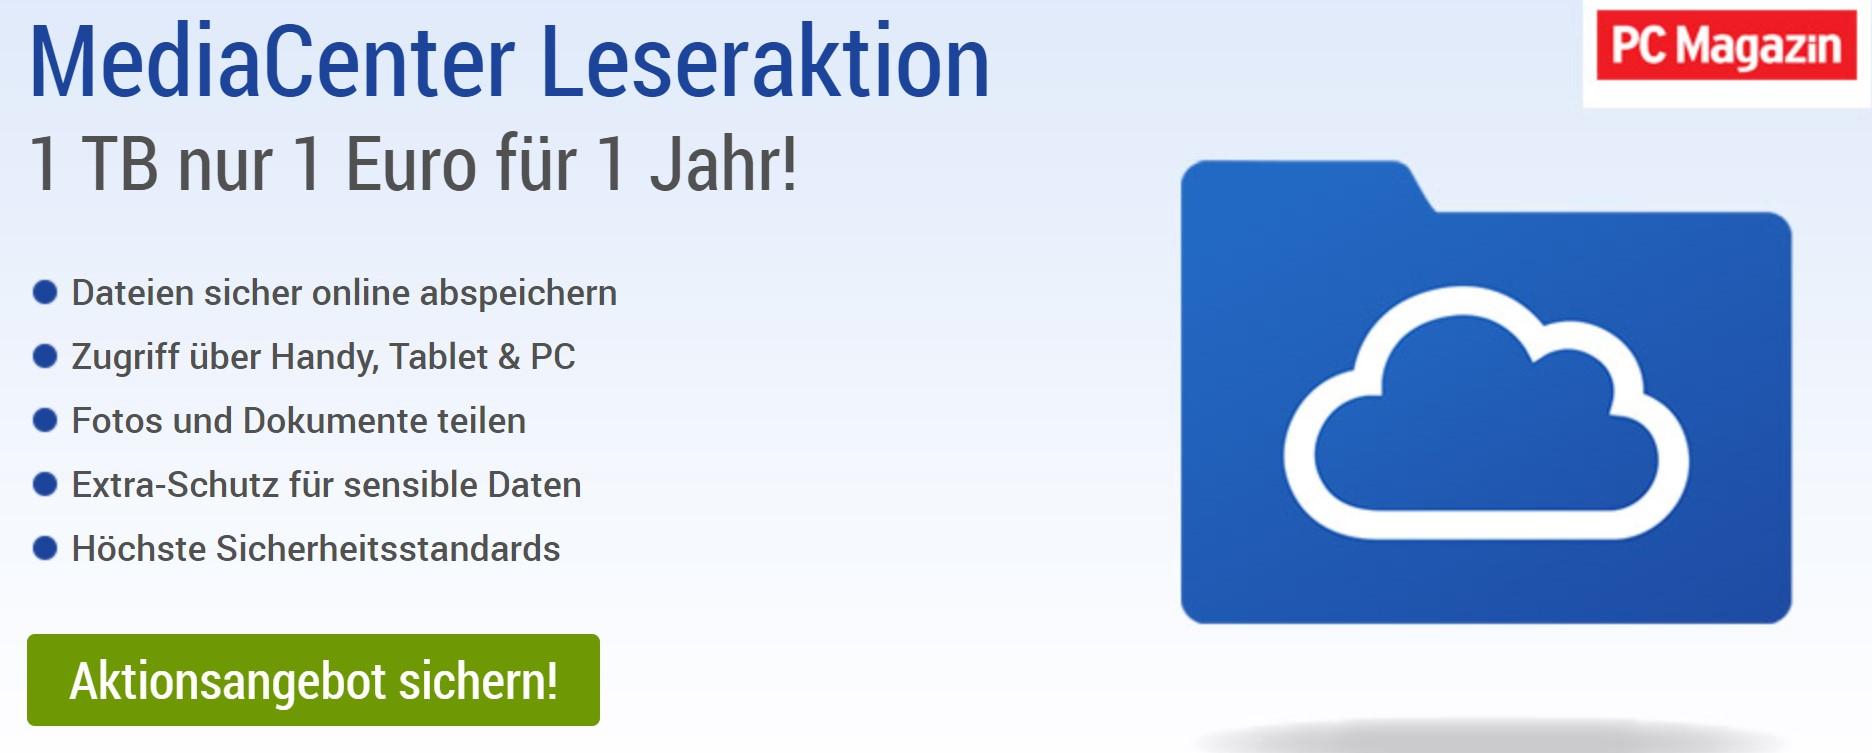 1 TB nur 1 Euro für 1 Jahr bei GMX oder WEB.de (ohne Kündigung automatische Verlängerung)